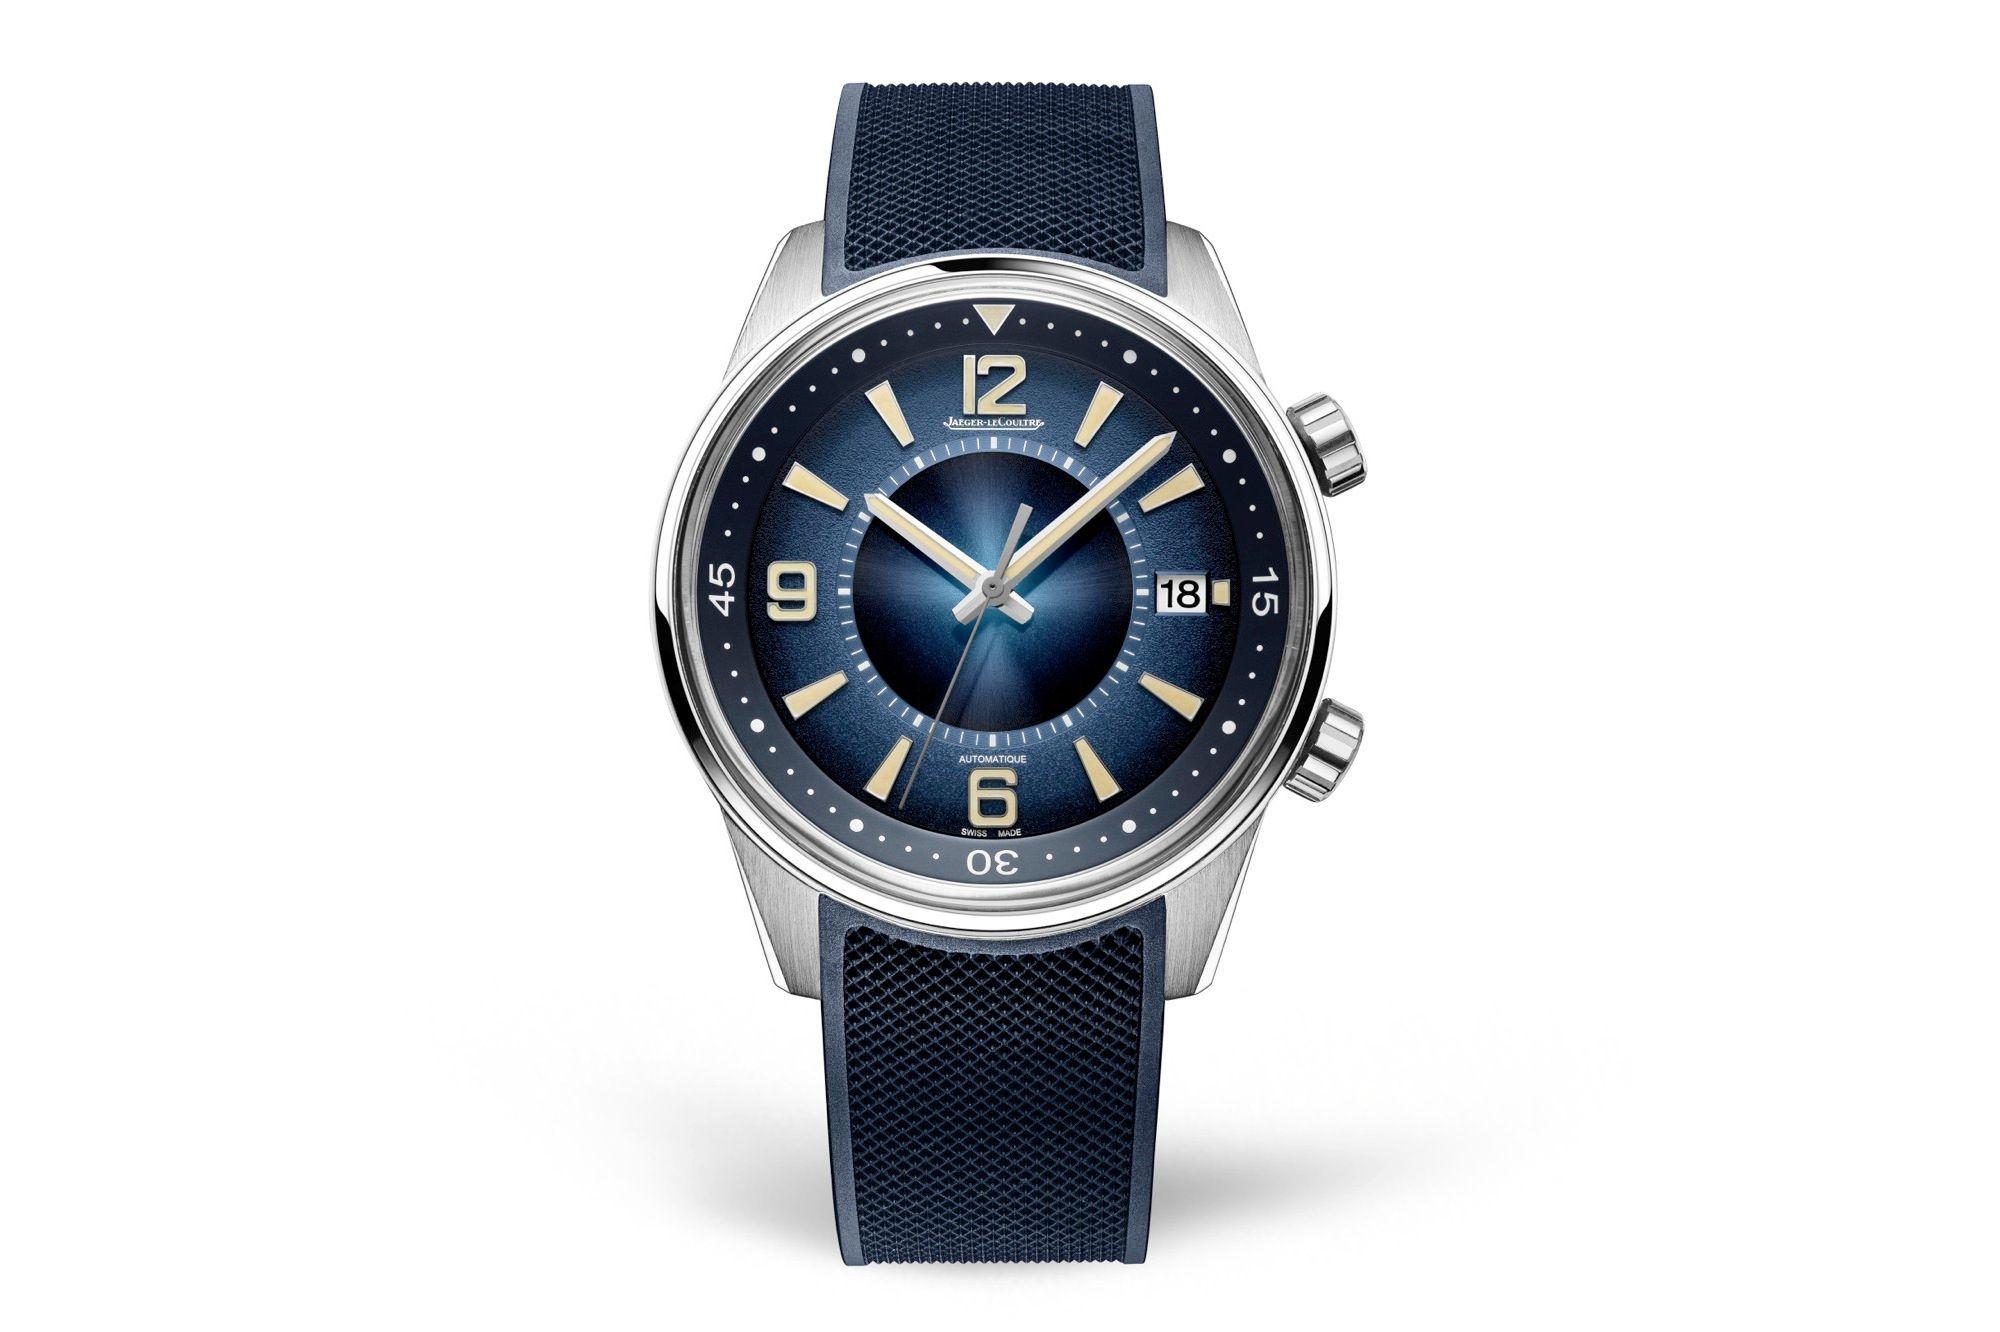 Avis aux collectionneurs : les montres du moment éditées en séries limitées